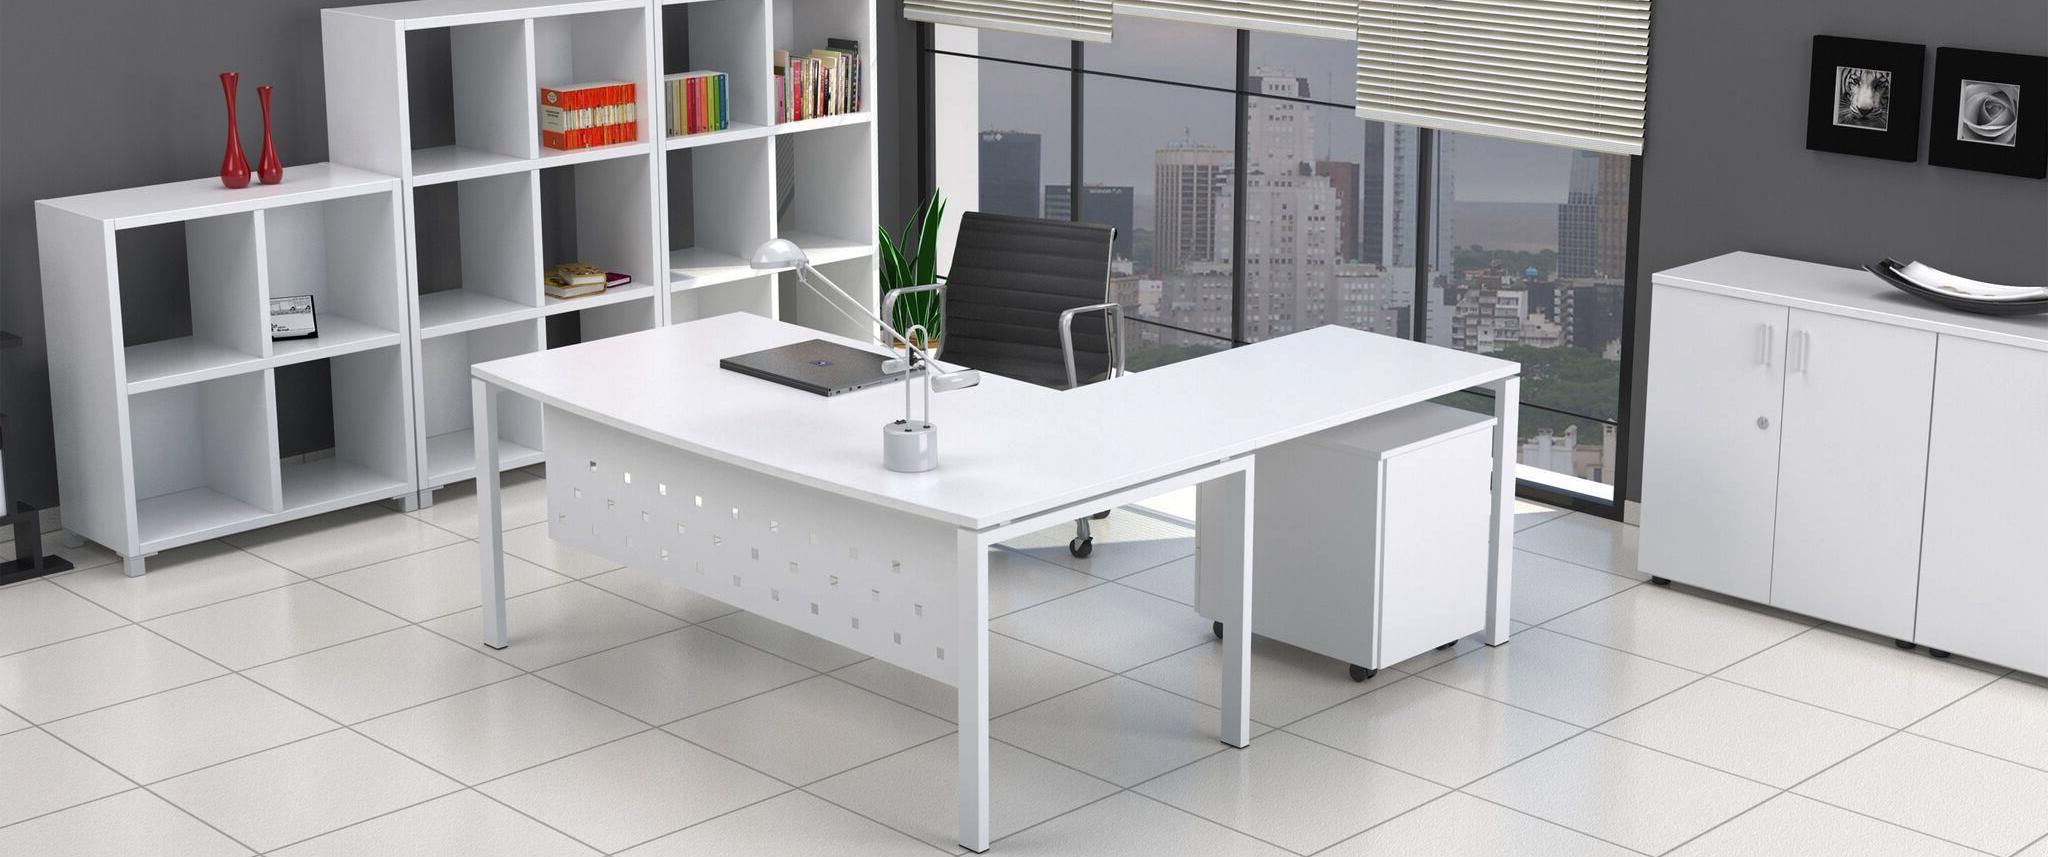 Mobiliario Oficina Kvdd Mobiliario De Oficina Expertos En Diseà O De Oficinas